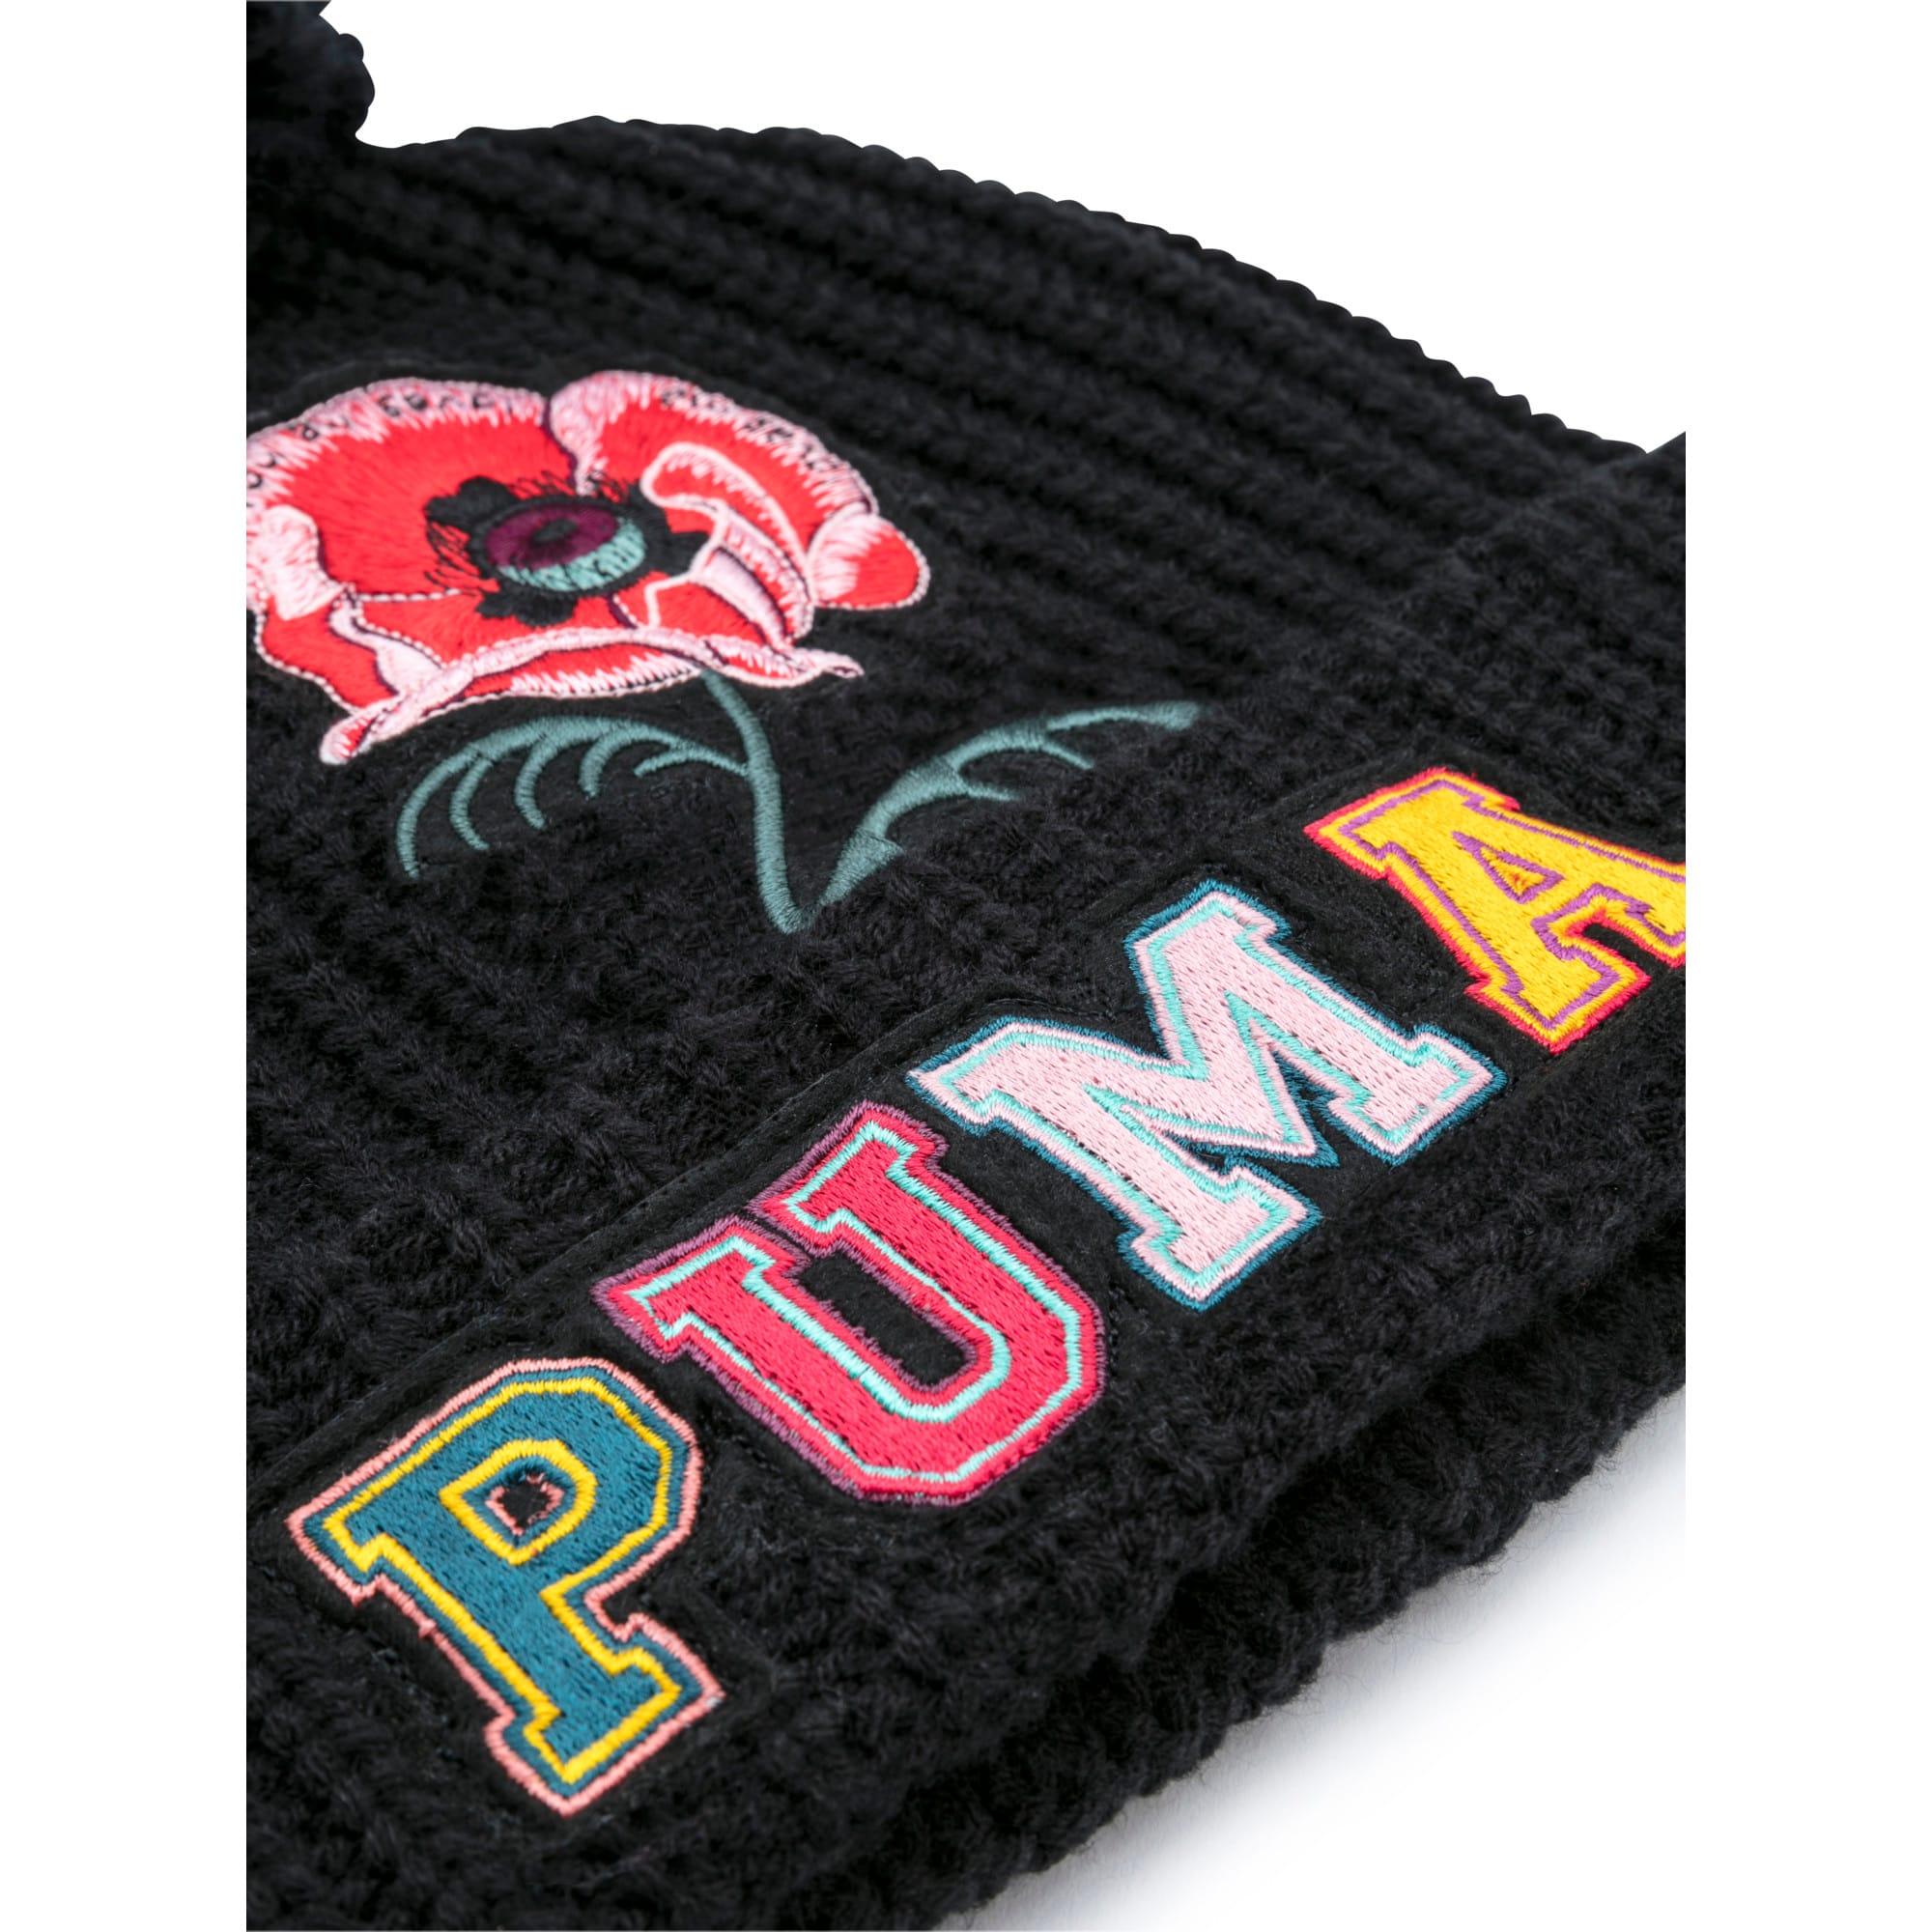 Thumbnail 7 of PUMA x SUE TSAI ウィメンズ ビーニー, Puma Black, medium-JPN